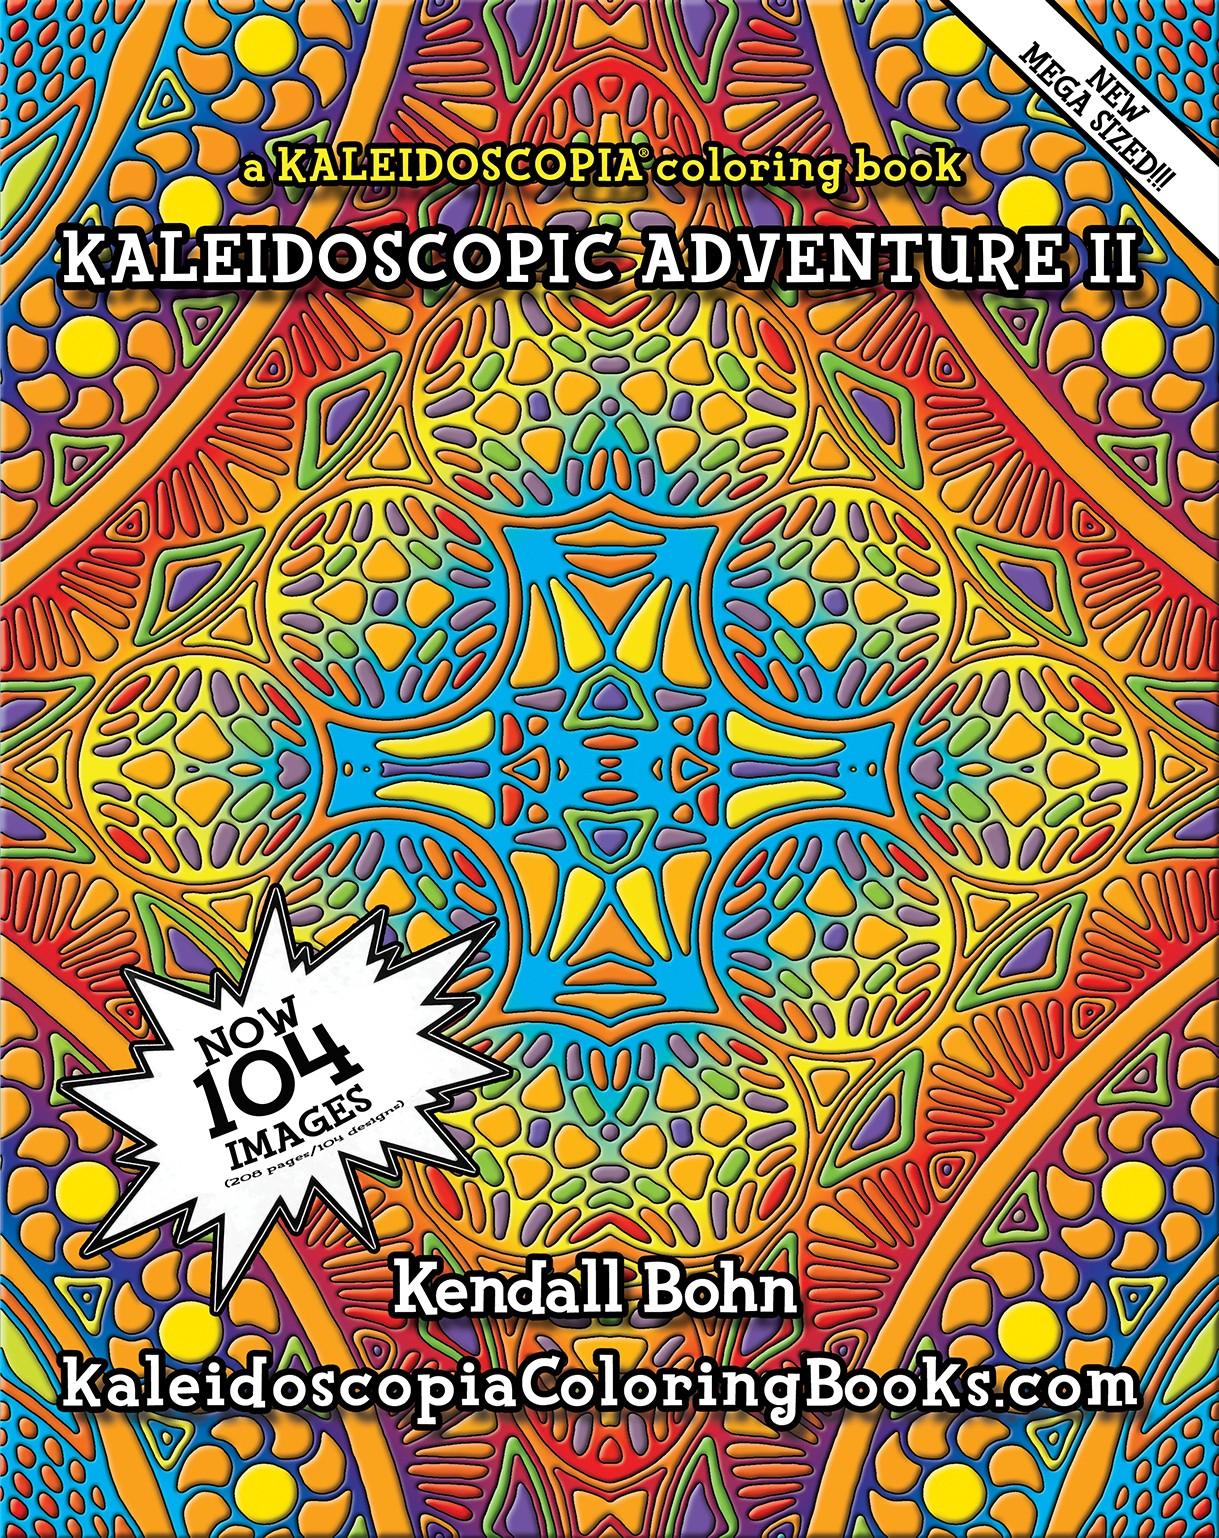 Kaleidoscopic Adventure II